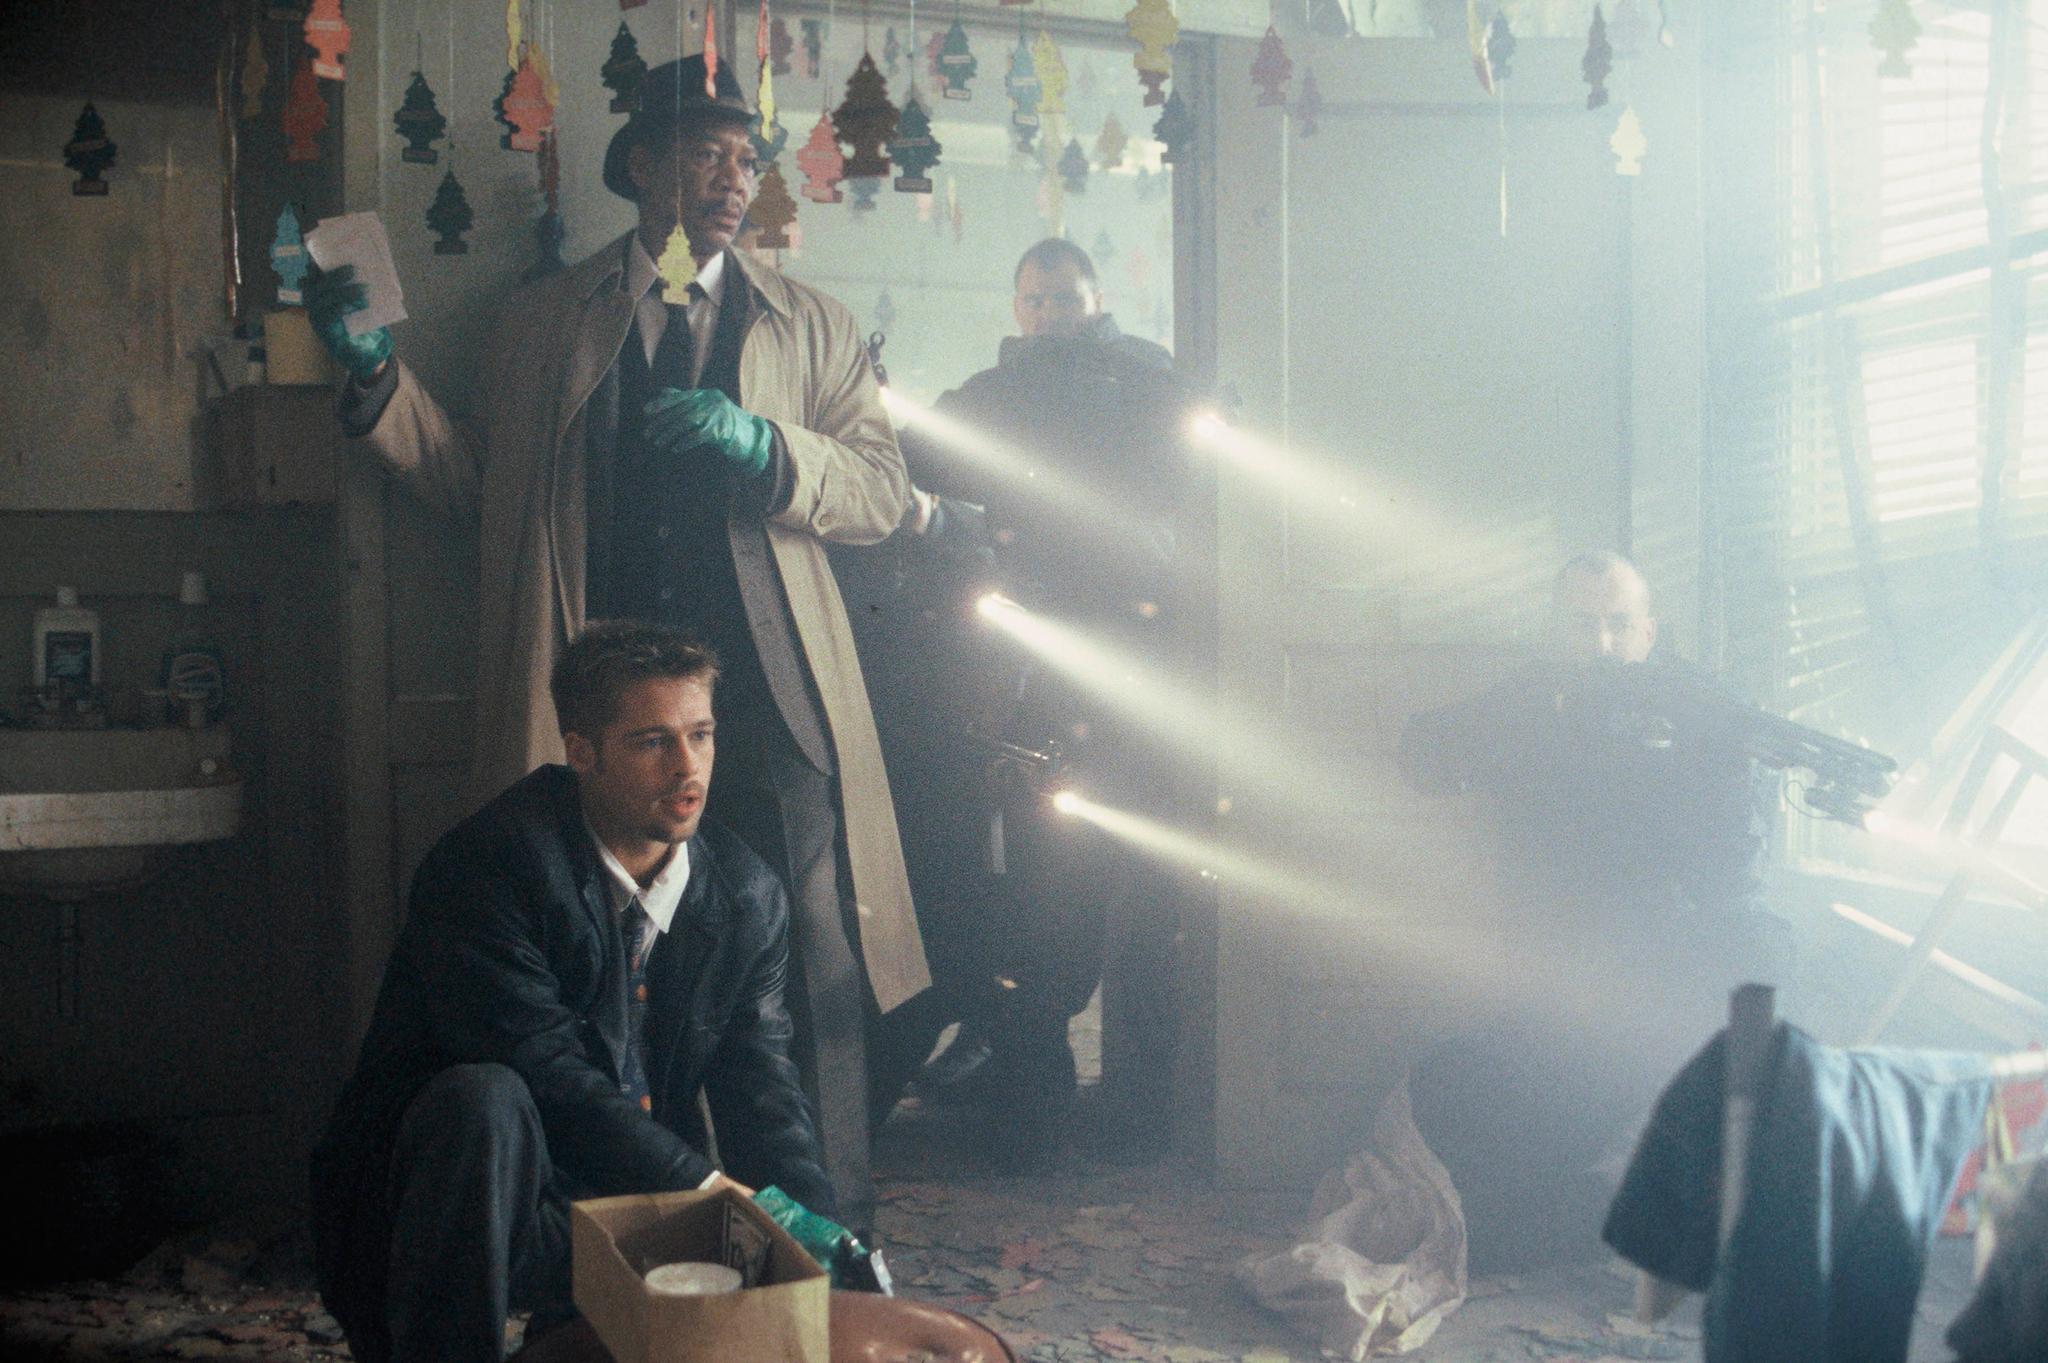 Las mejores películas sobre detectives